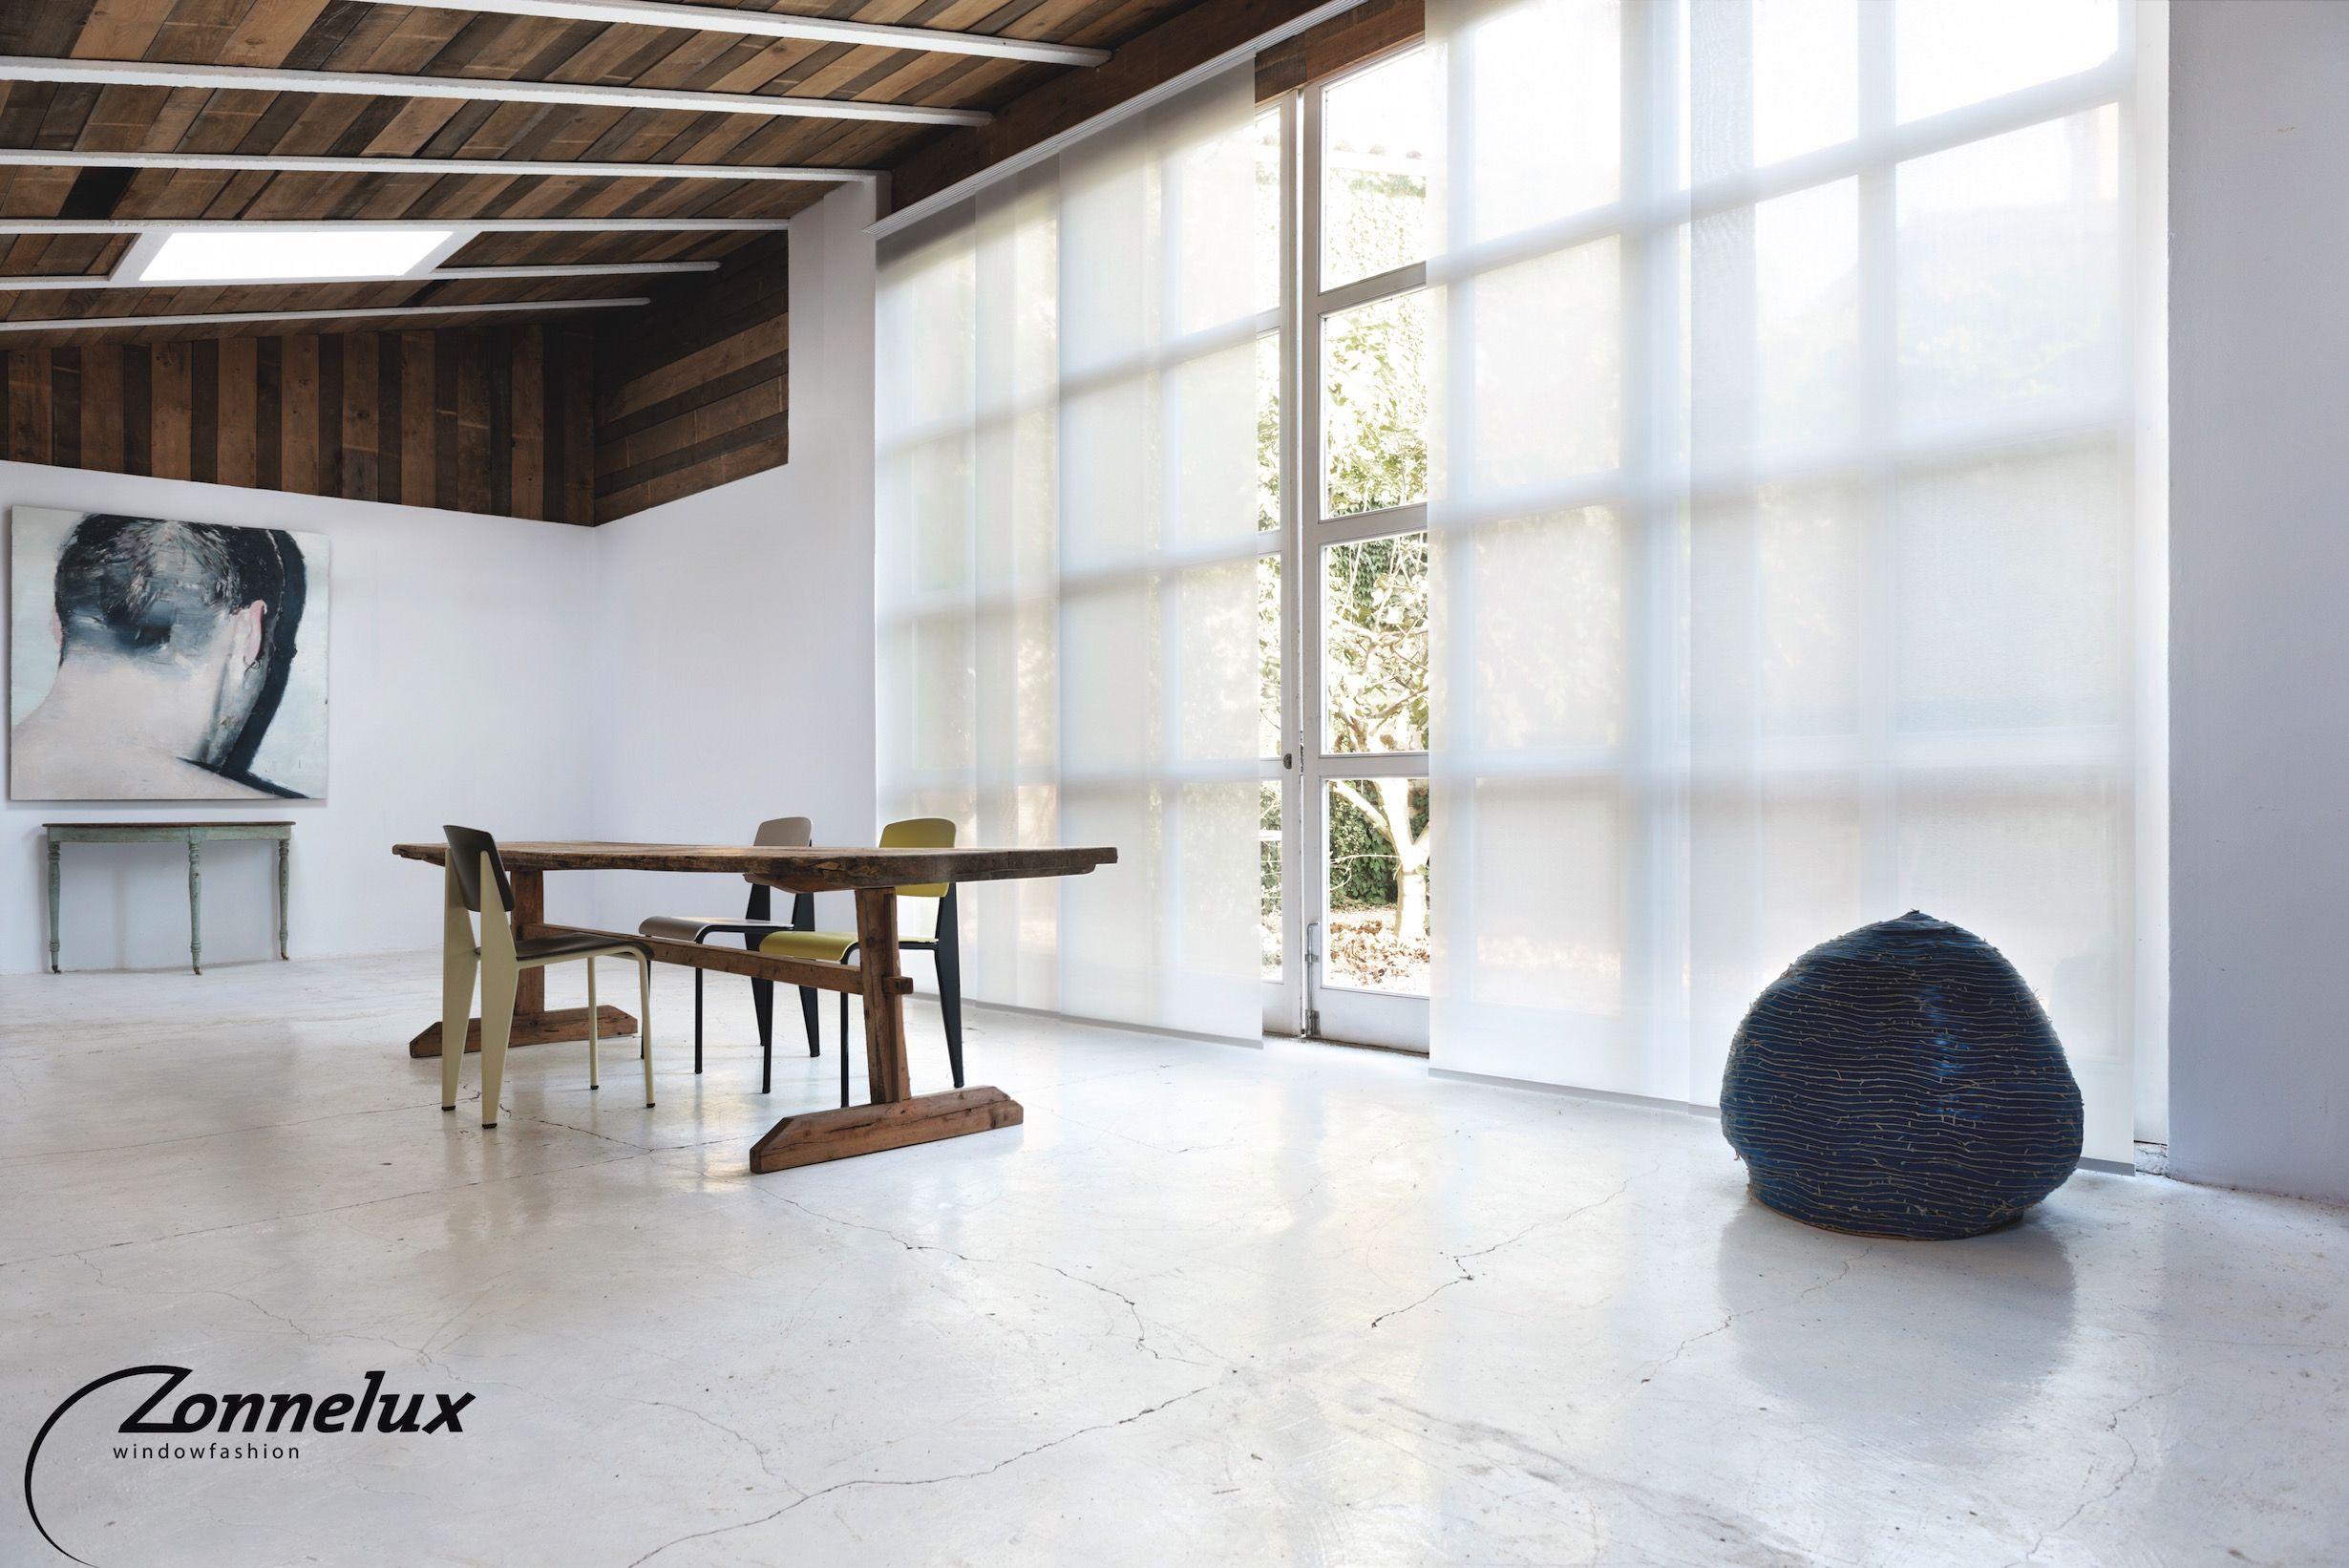 Paneel Gordijn 6 : Paneelgordijn van zonnelux in de eetkamer living room living